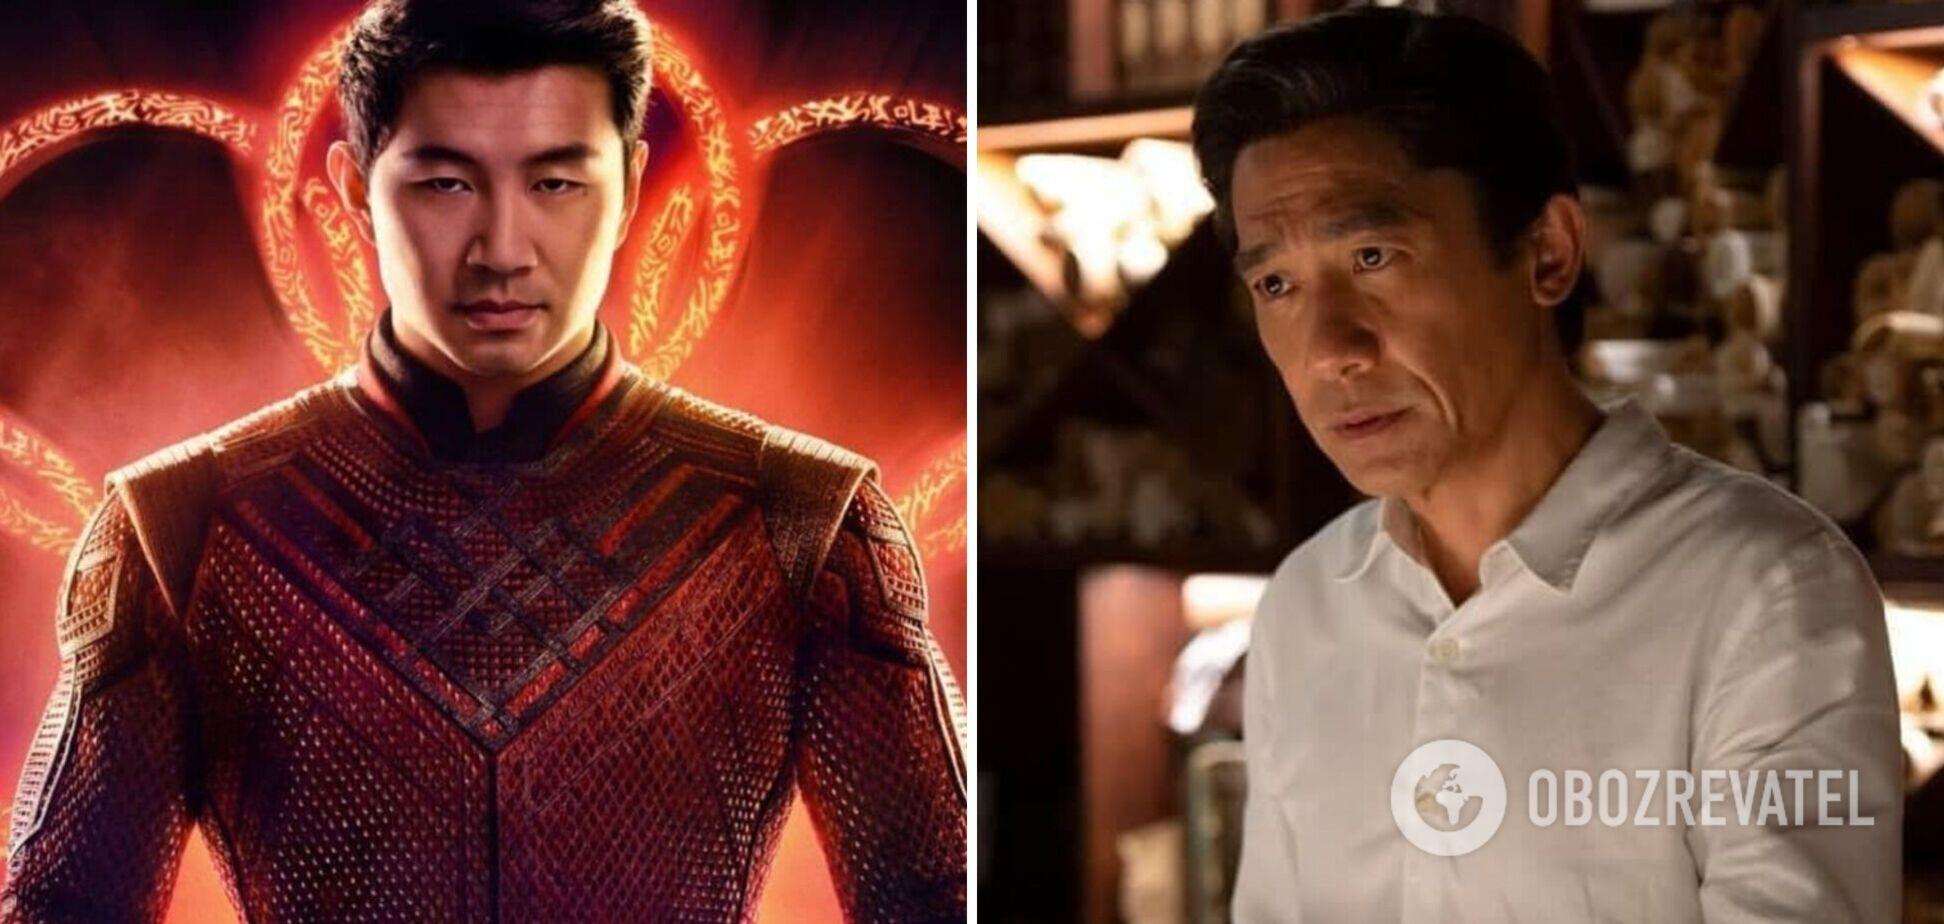 З'явився тизер і кадри зі зйомок фільму Marvel 'Шан-Чі та легенда десяти кілець'